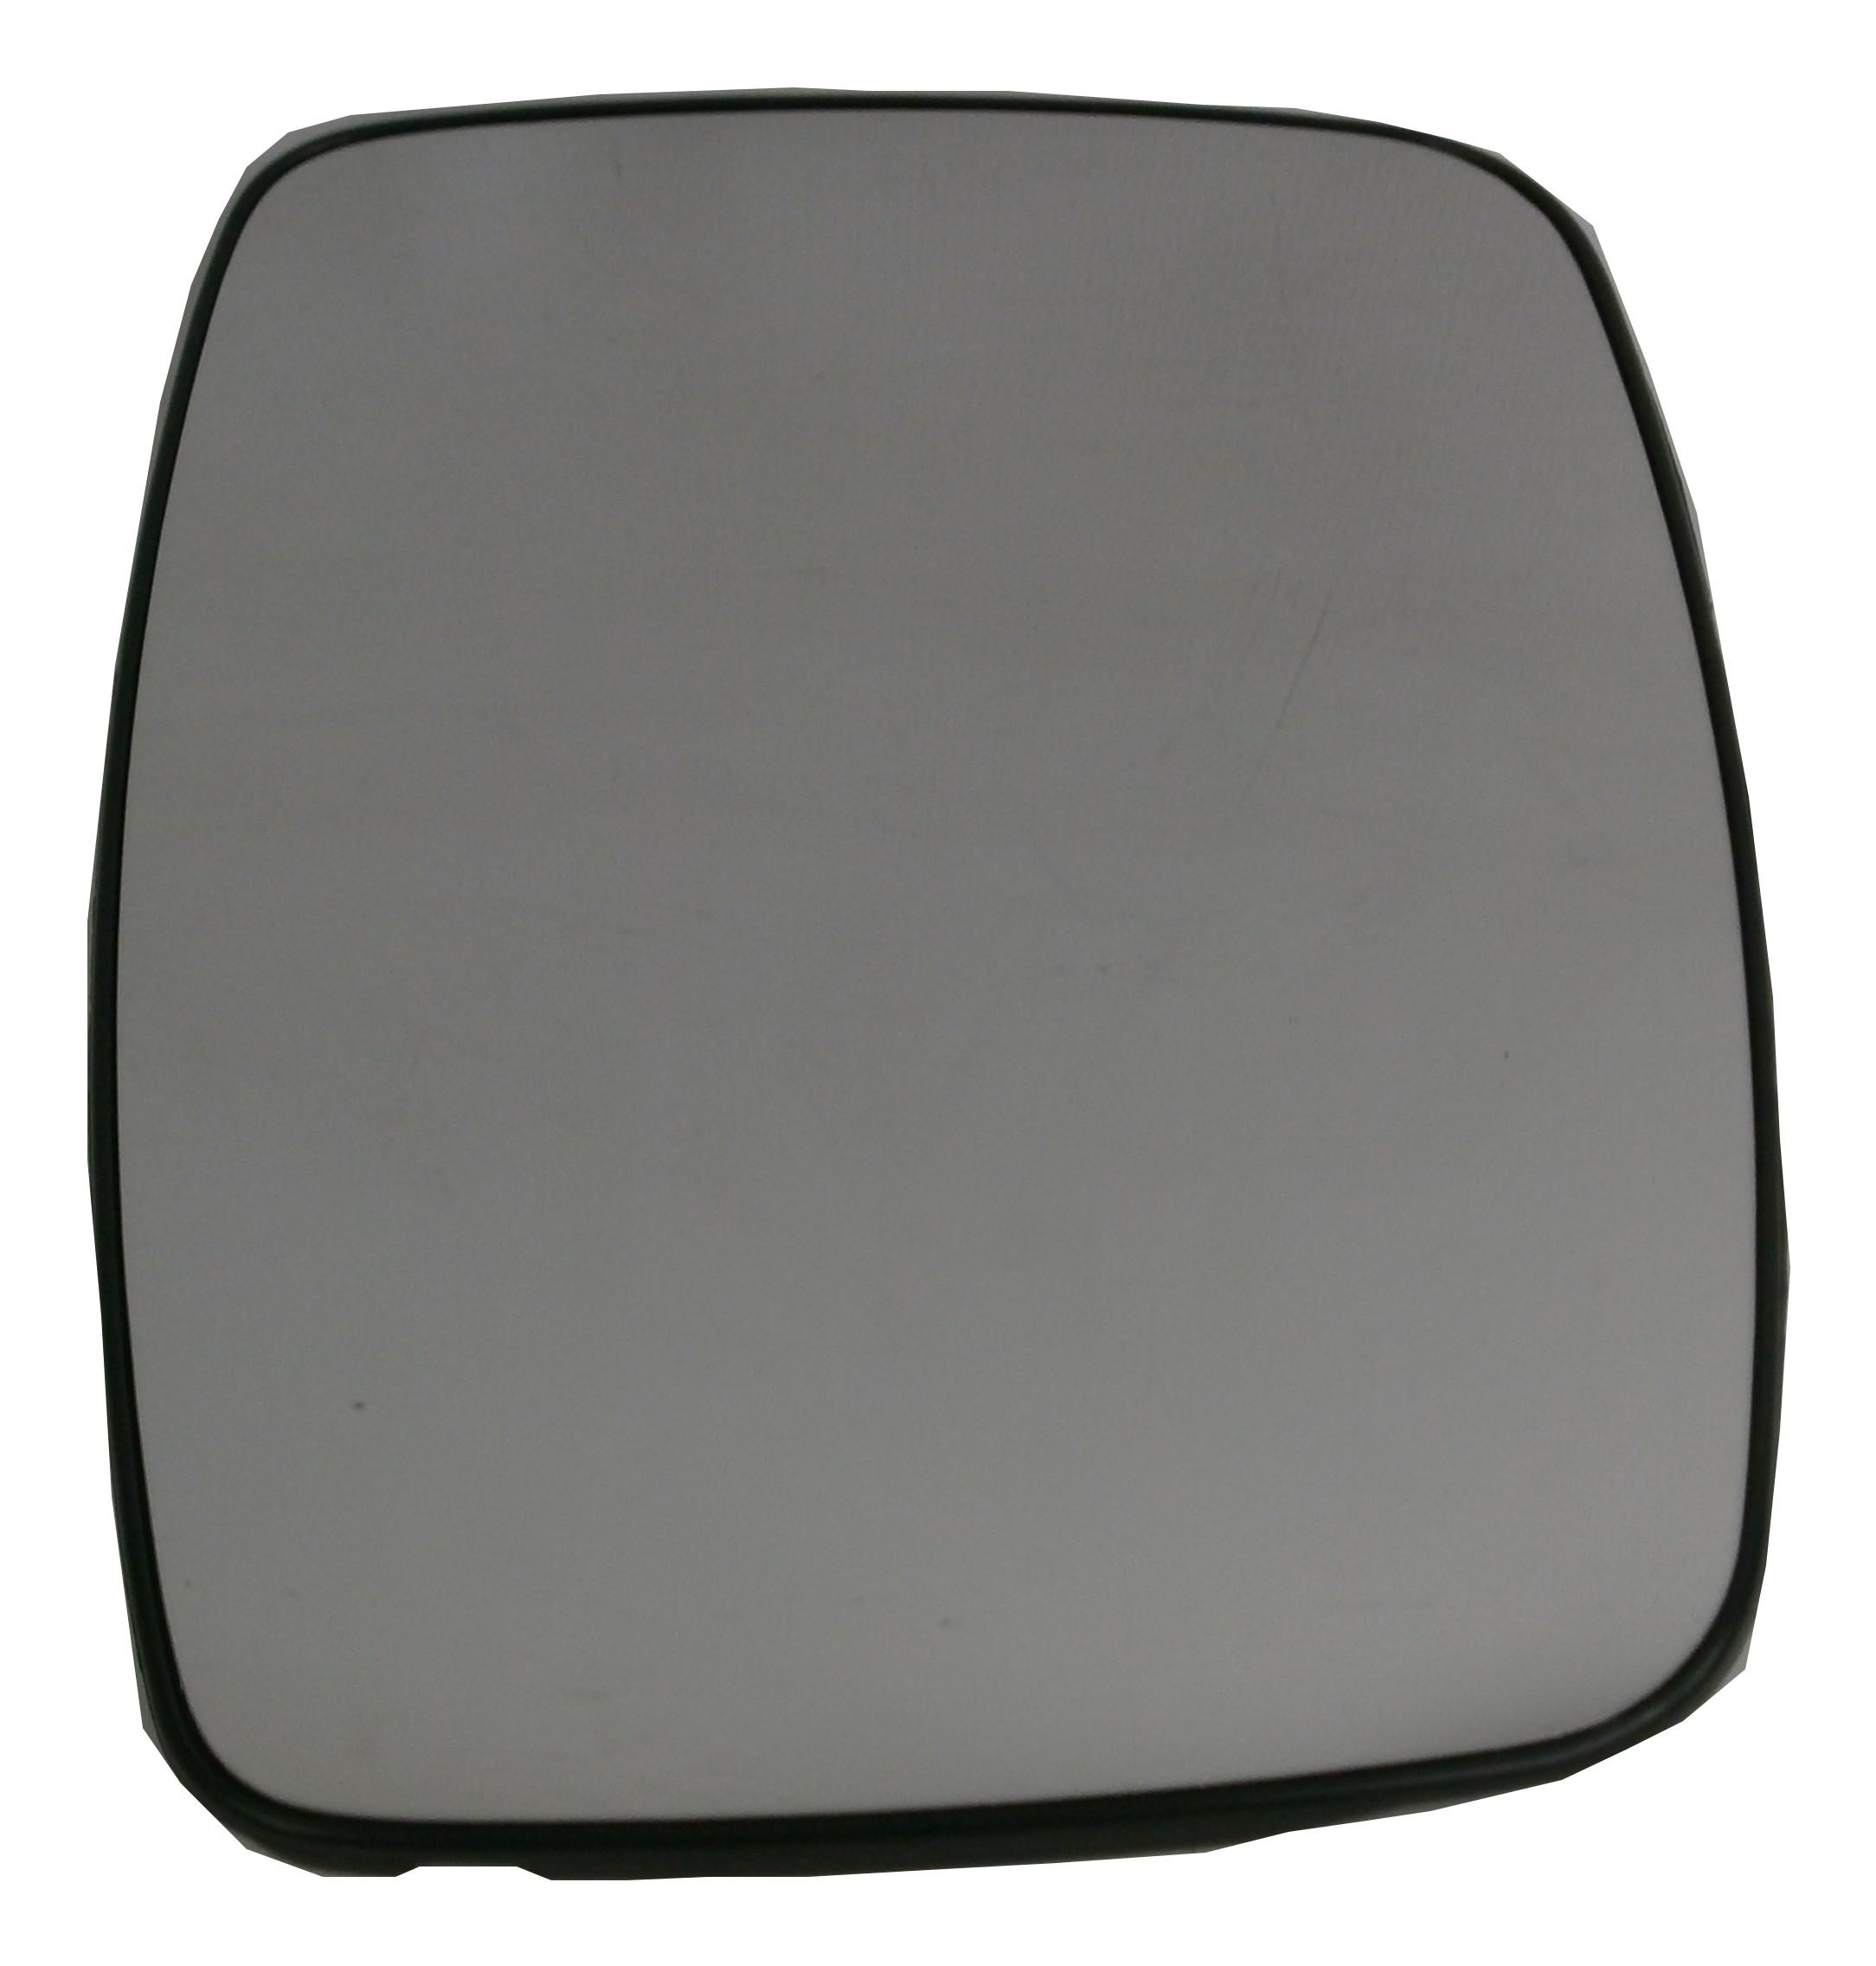 Außenspiegel Spiegelglas Ersatzglas SsangYong Rexton ab 2001 Li o Re asph Bhzt